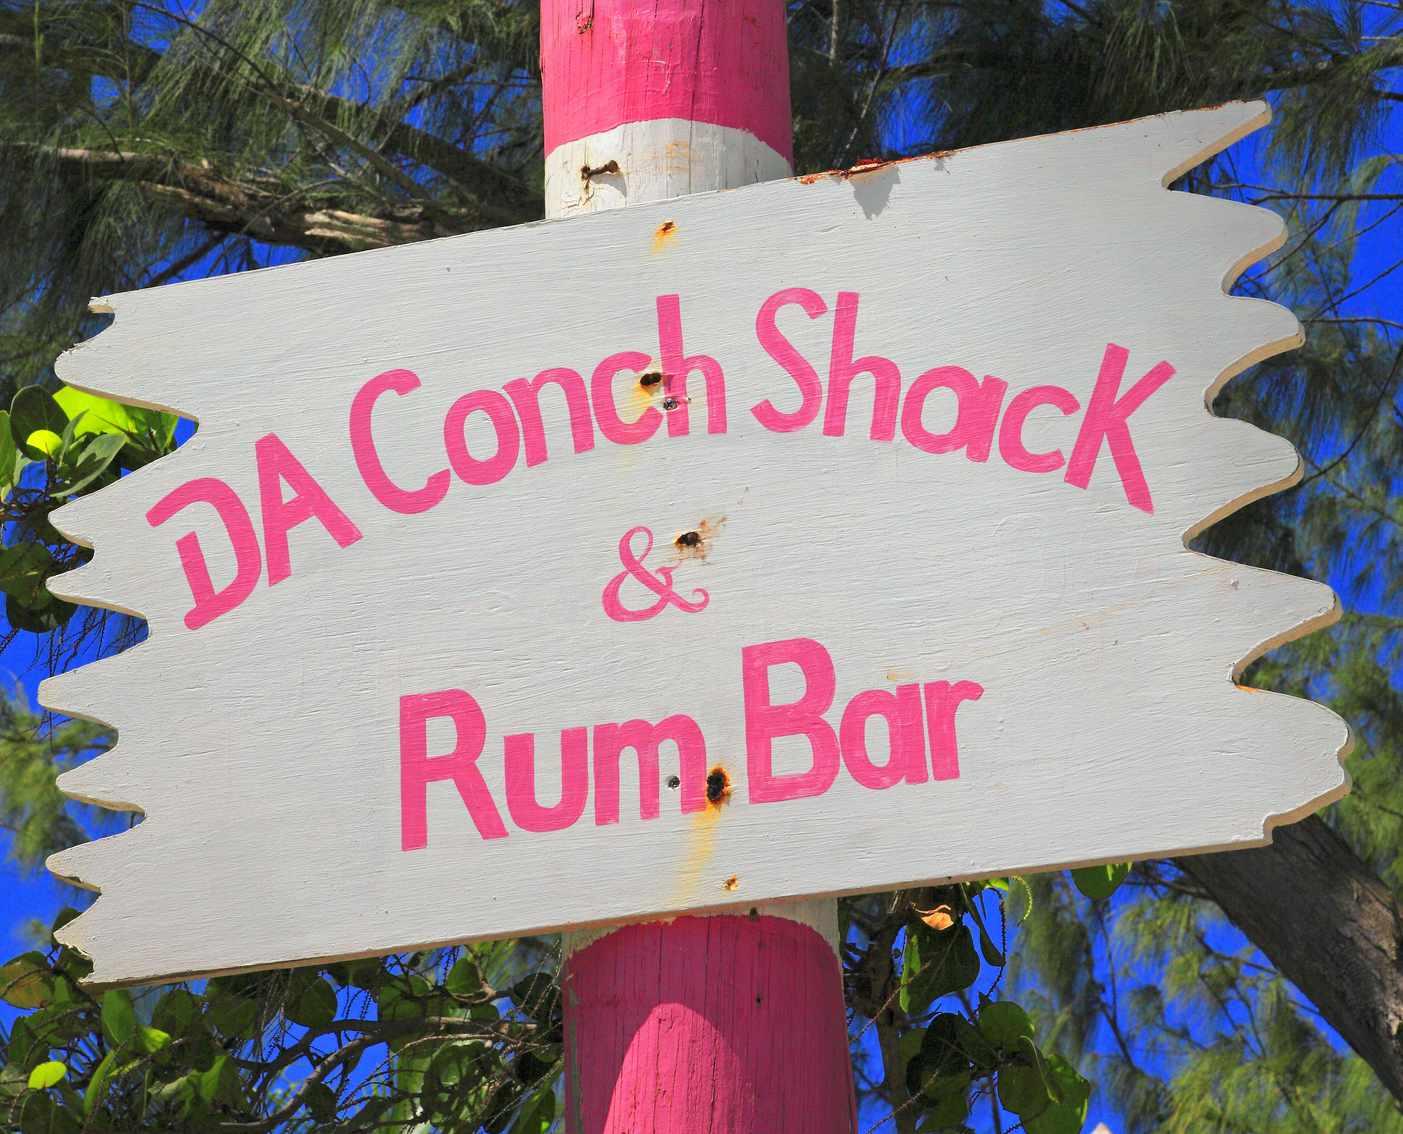 Da Conch Shack, Turks & Caicos